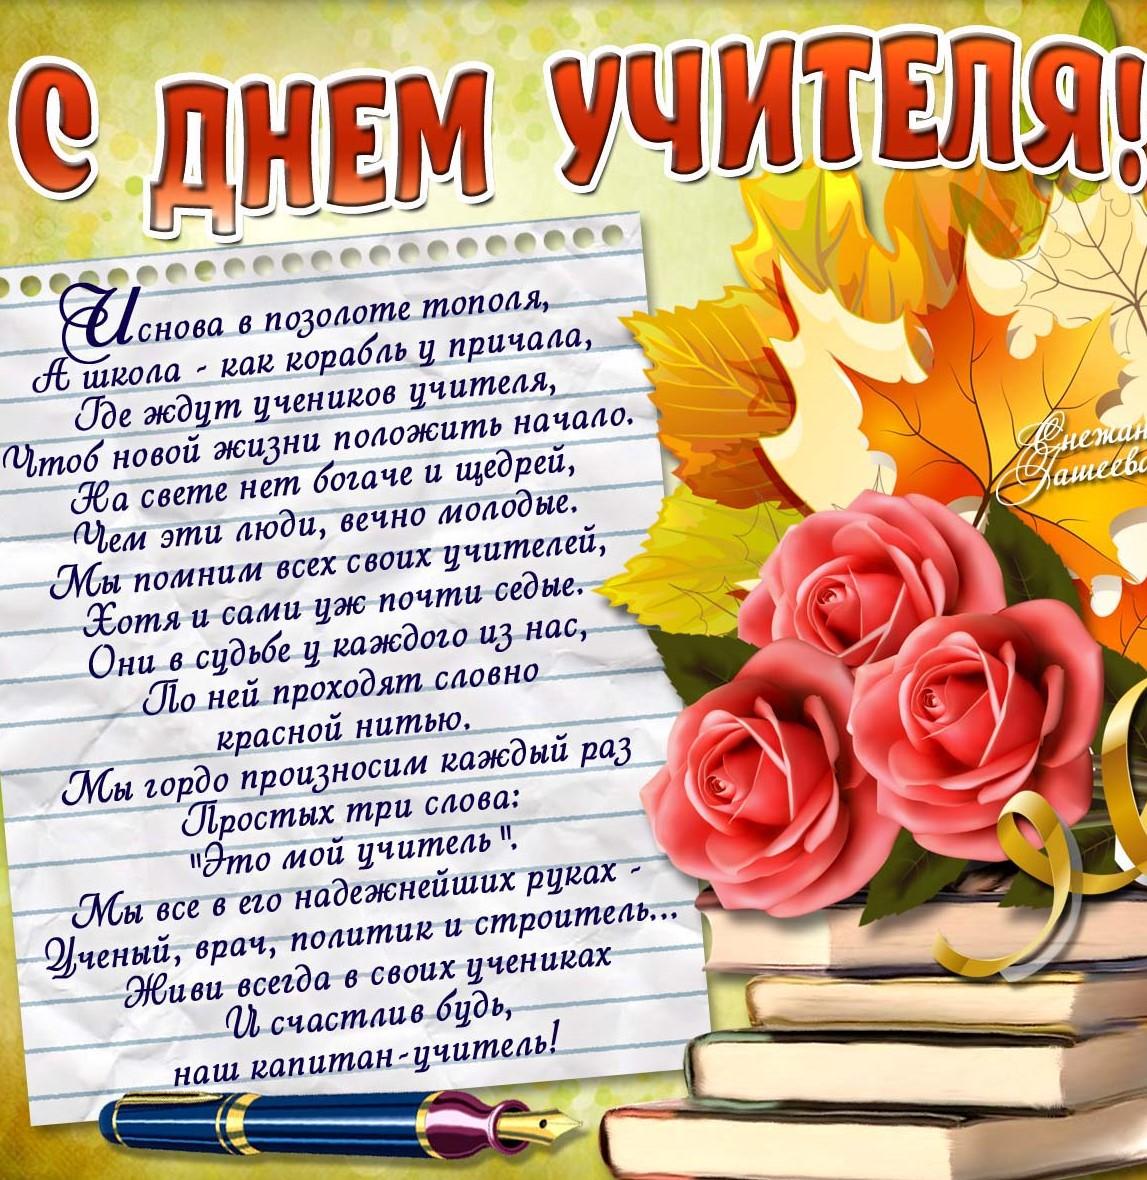 Поздравление учителю красивое